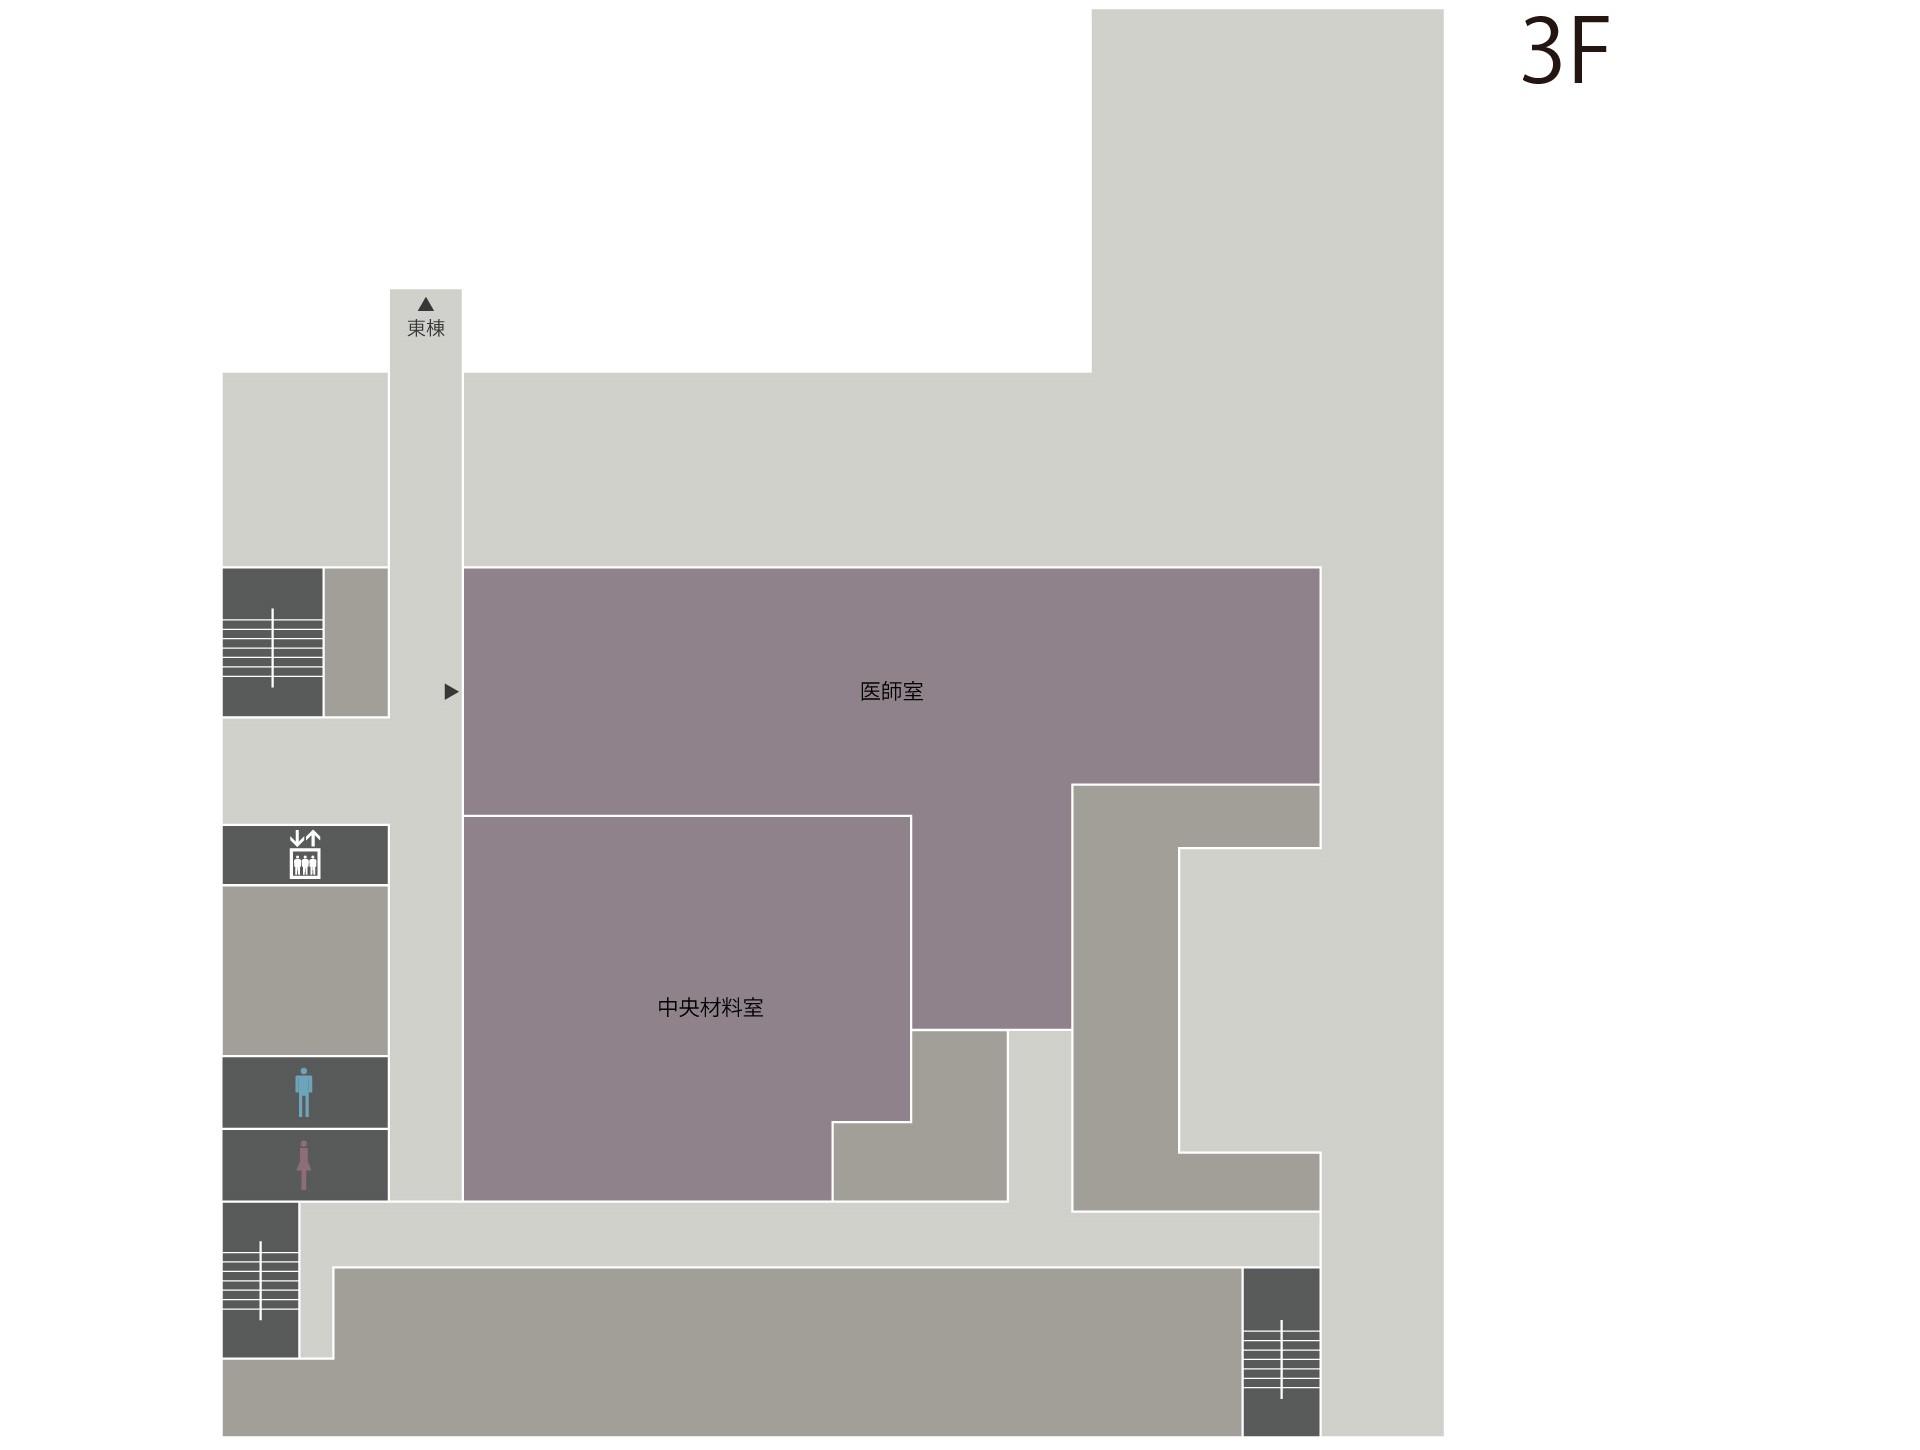 フロアマップ:西棟3階